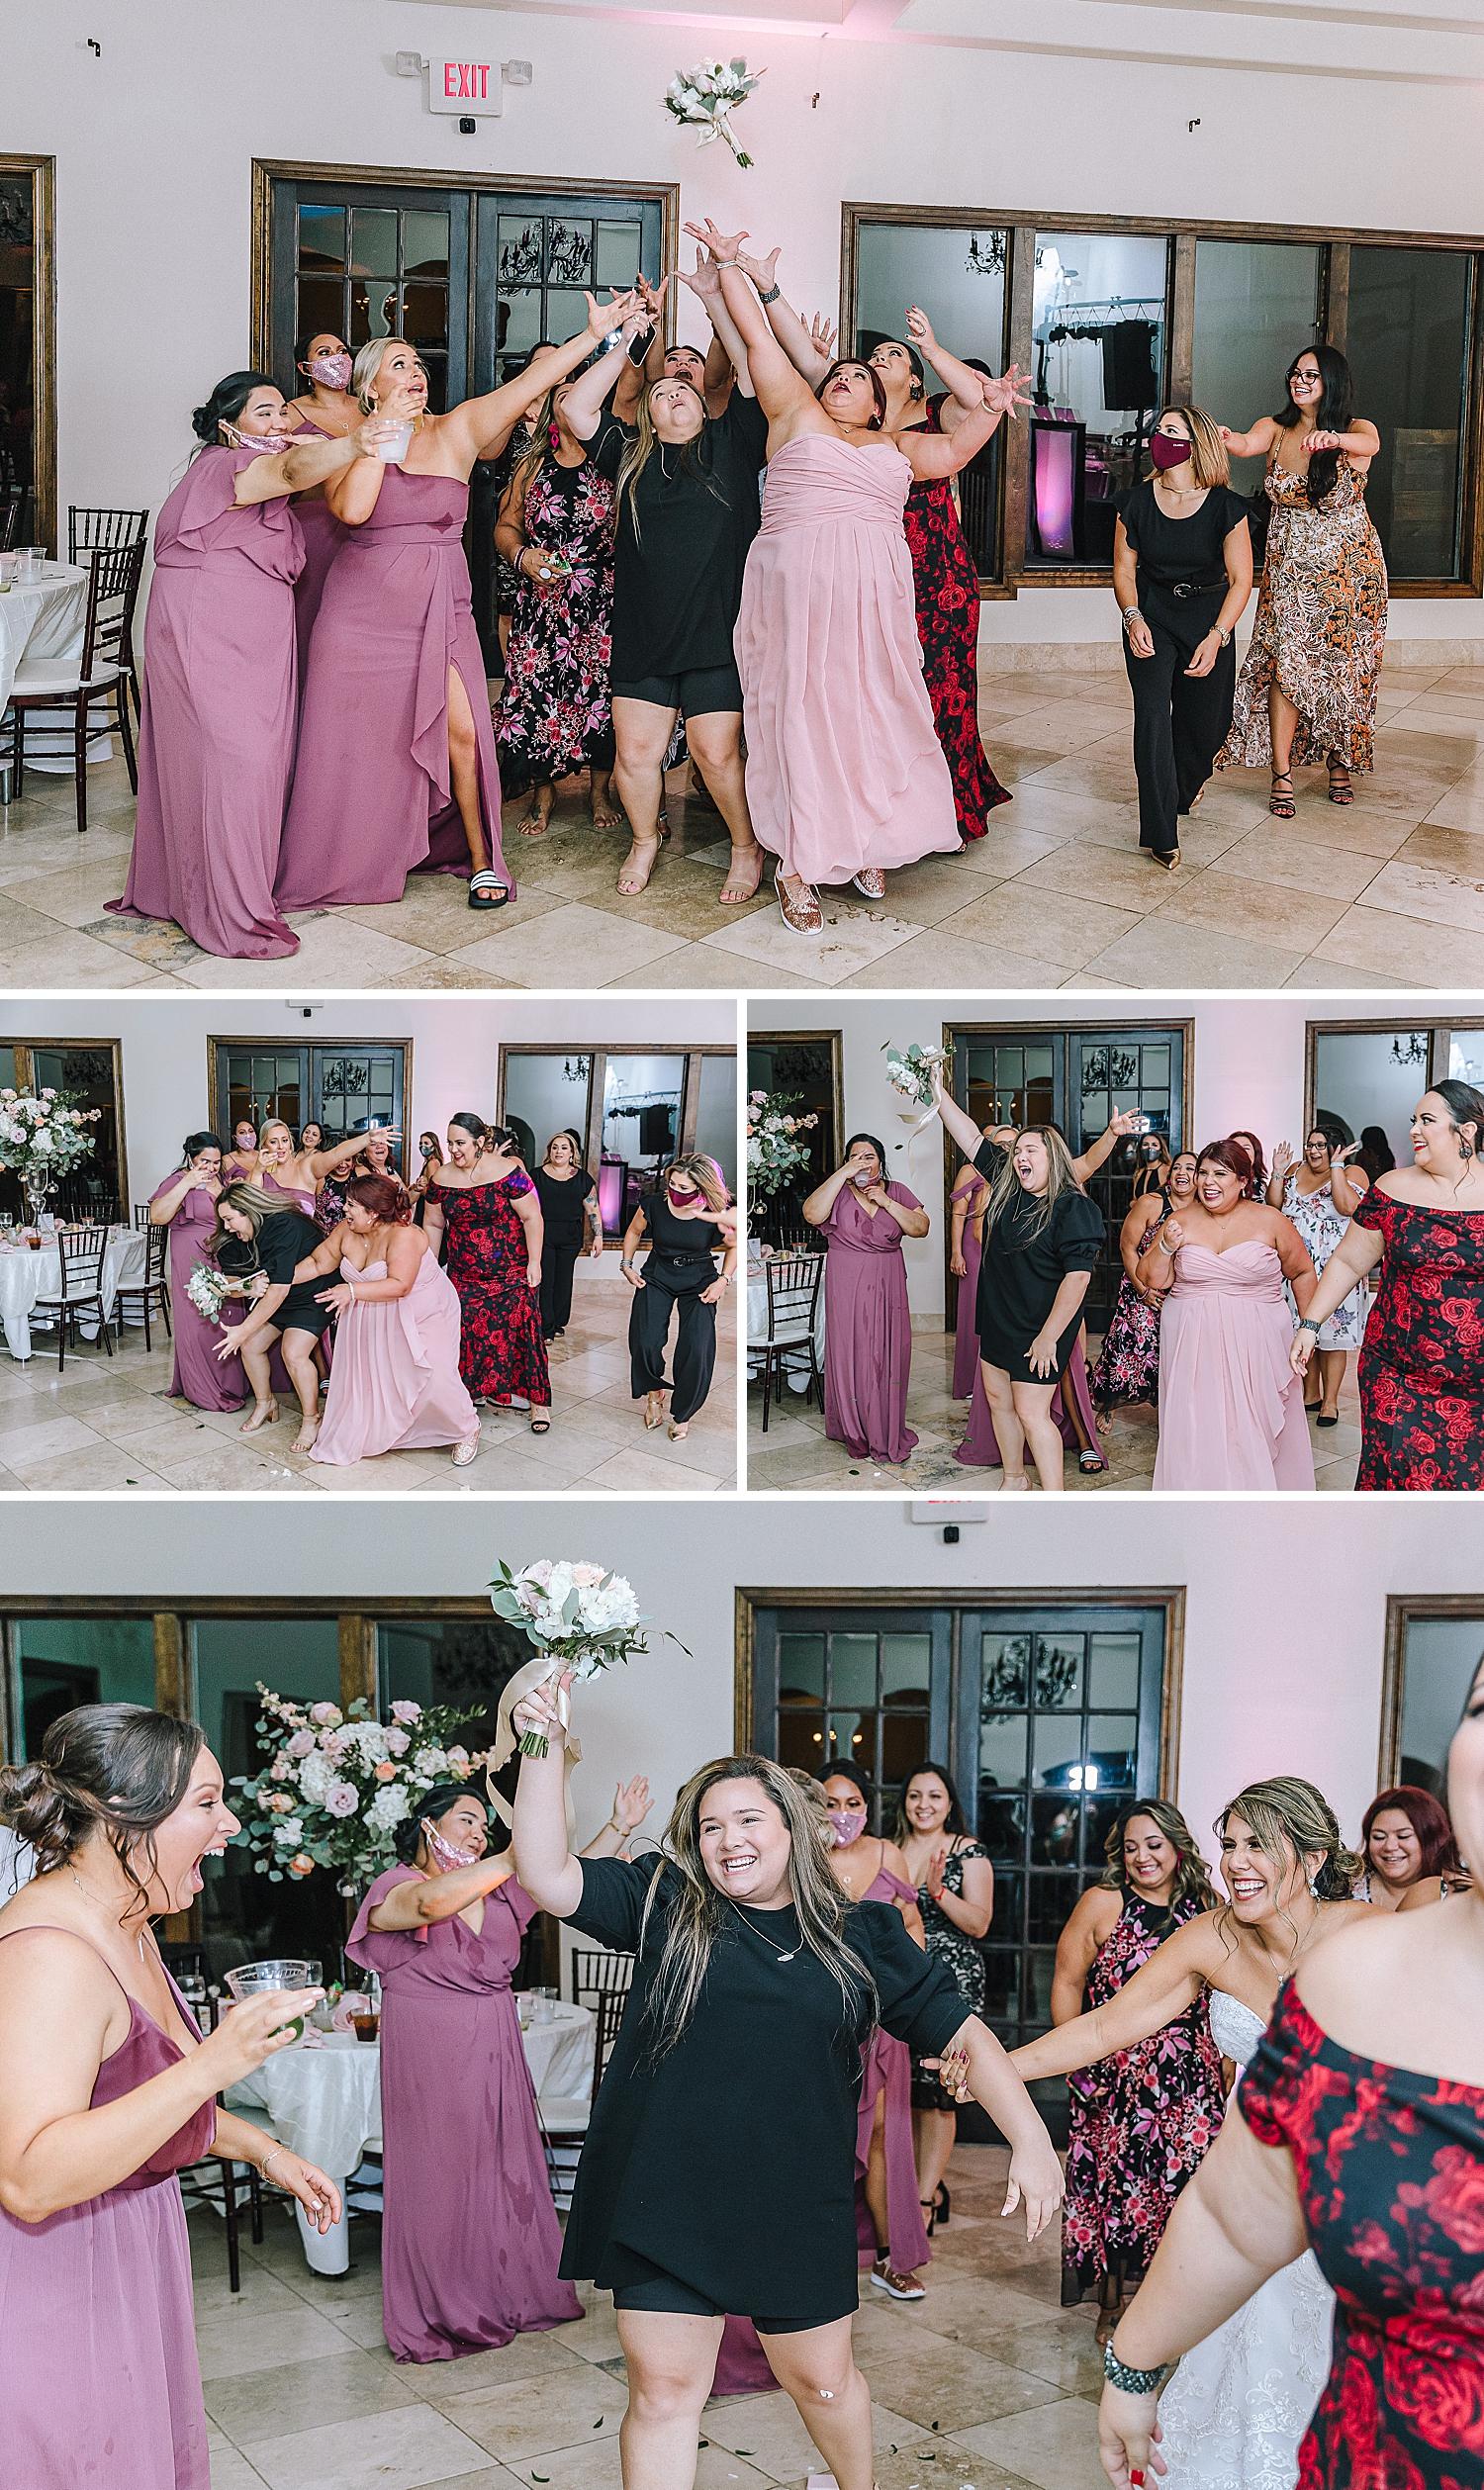 Carly-Barton-Photography-The-Villa-at-Cielo-Vista-Blush-Gold-White-Wedding-Photos_0037.jpg